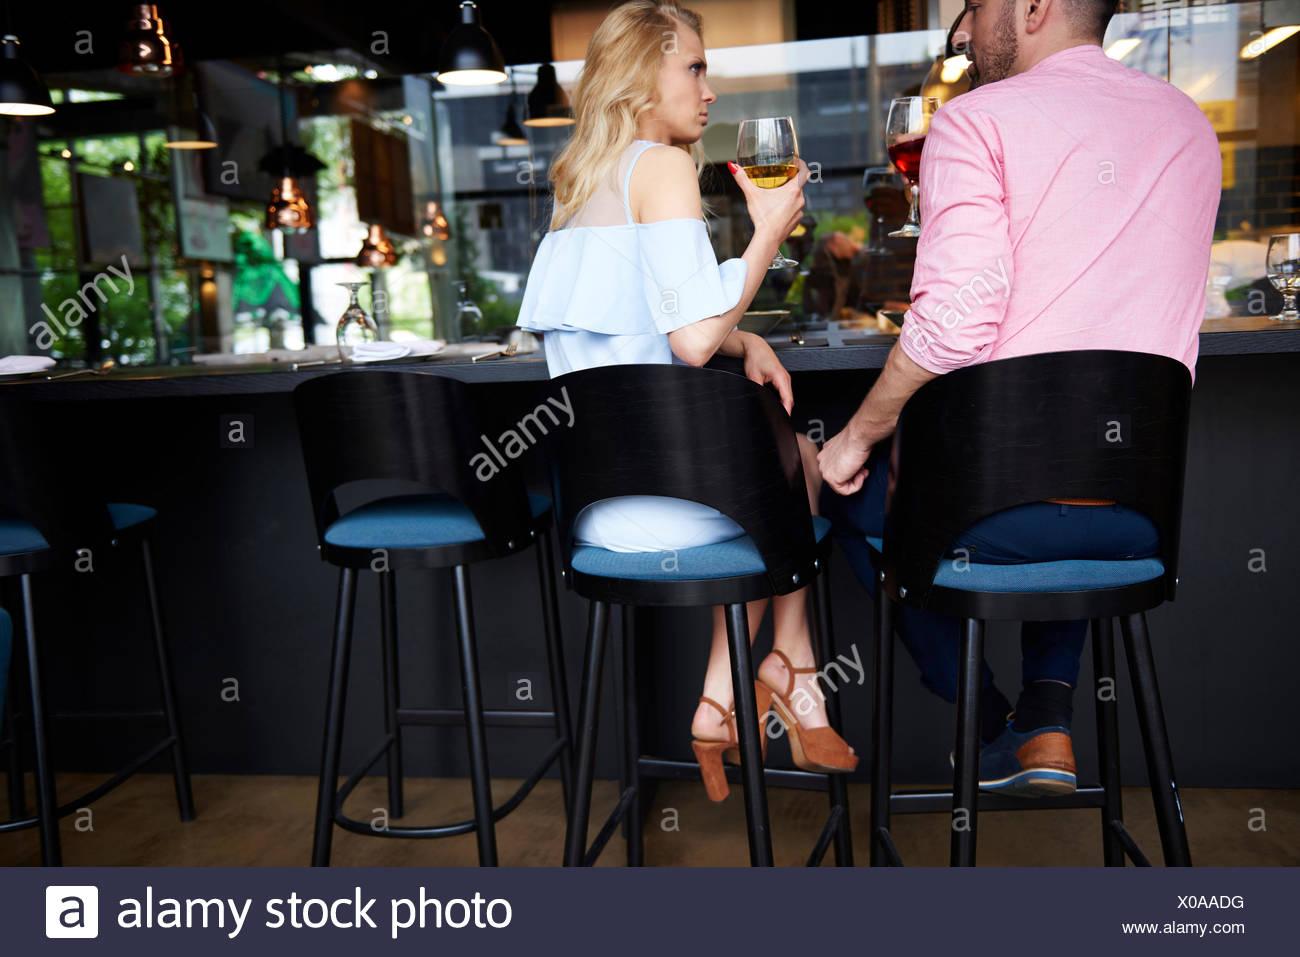 Vista trasera del hombre que toca enojado de la mujer joven en el bar de la rodilla Imagen De Stock